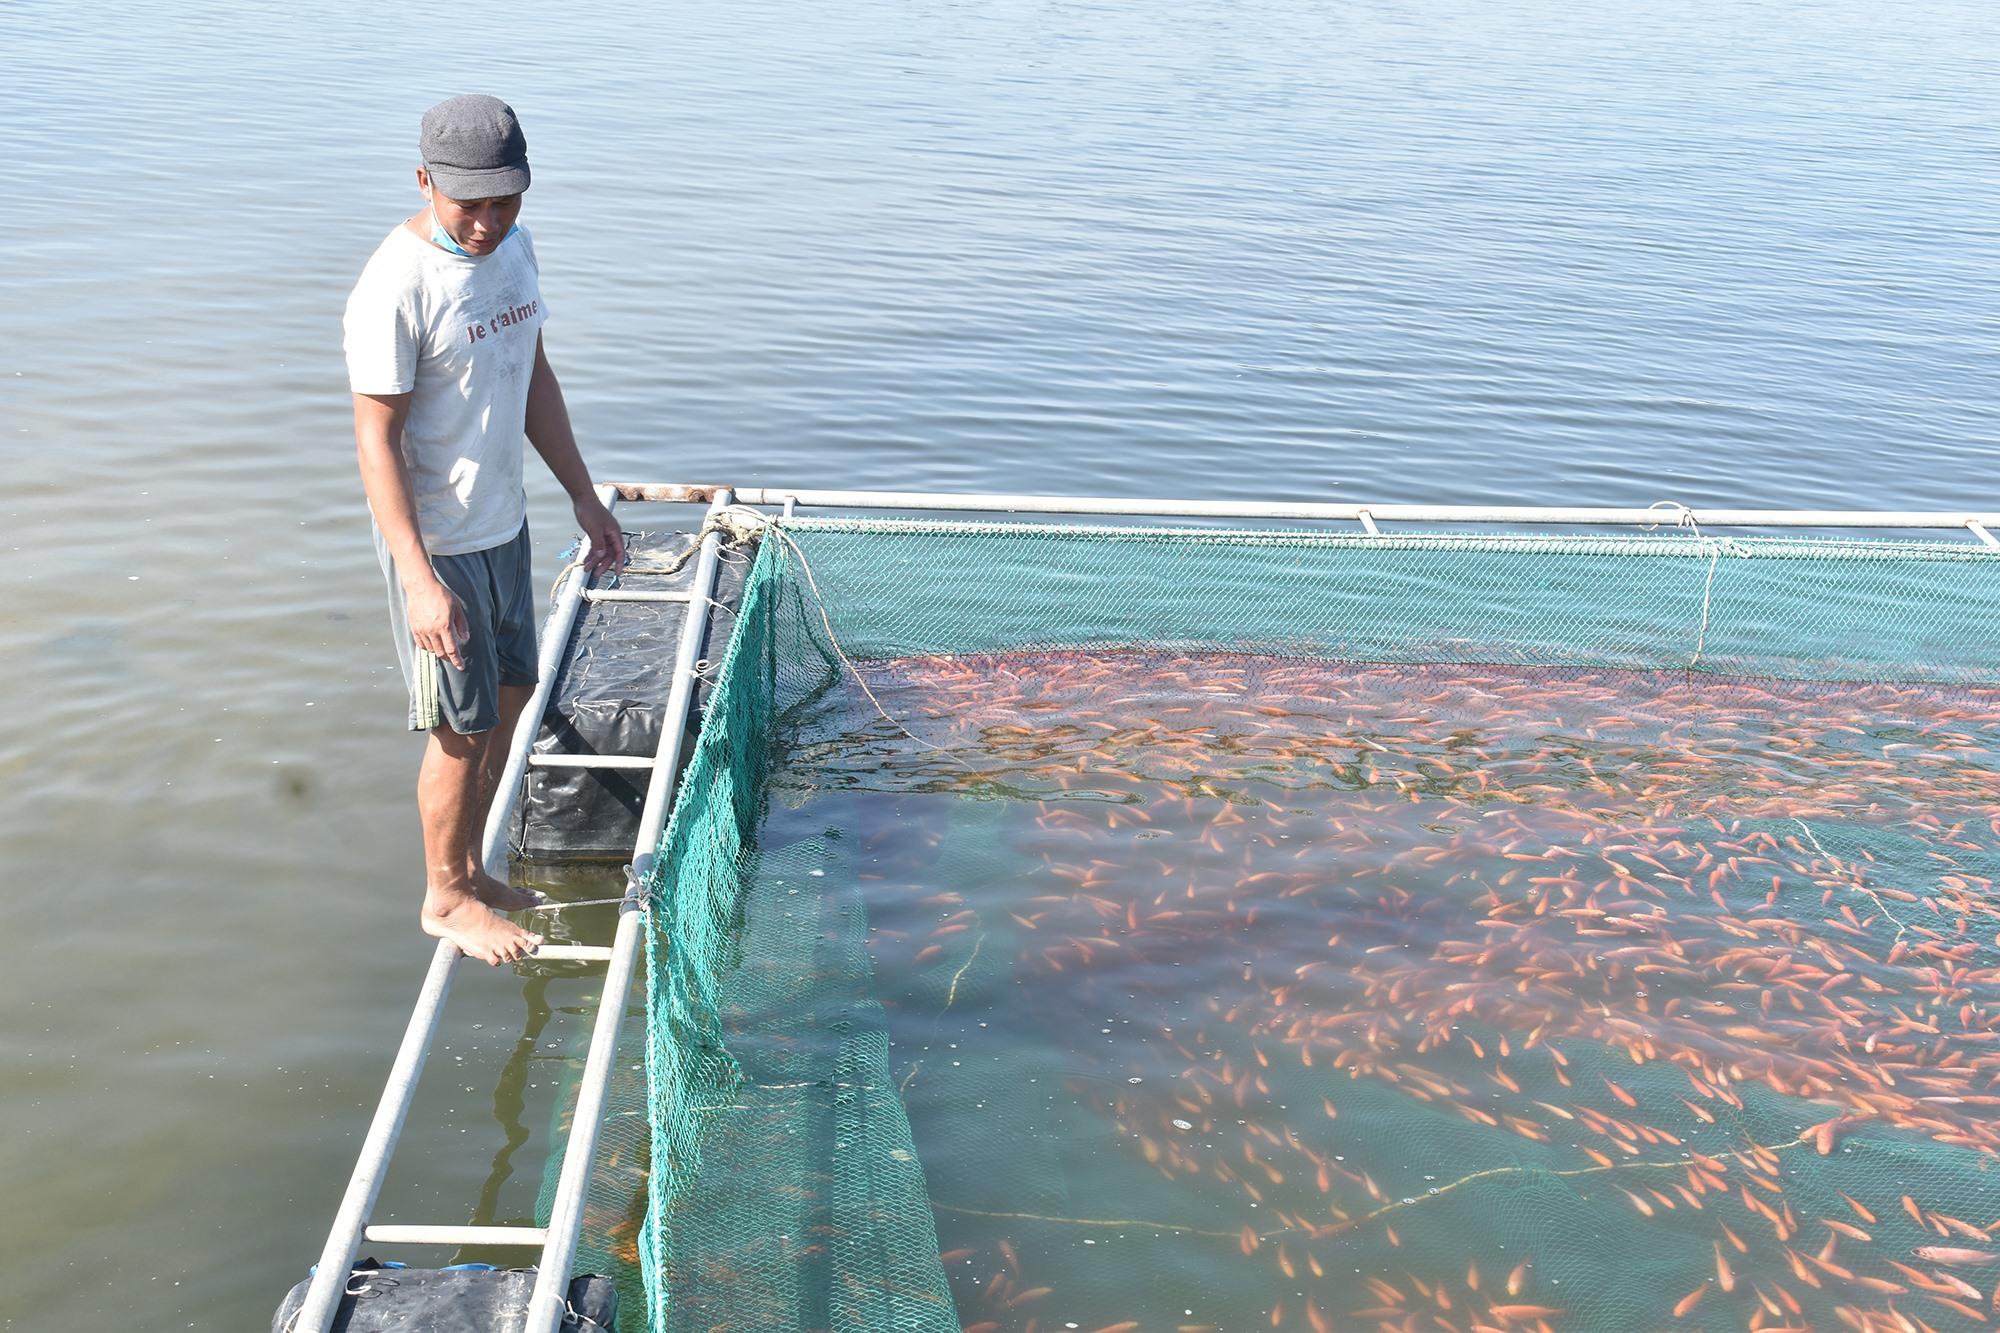 Các chủ nuôi cá lồng bè trên sông Trường Giang thường nuôi cá gần bờ để giảm lượng nước chảy mạnh. Ảnh: H.Q